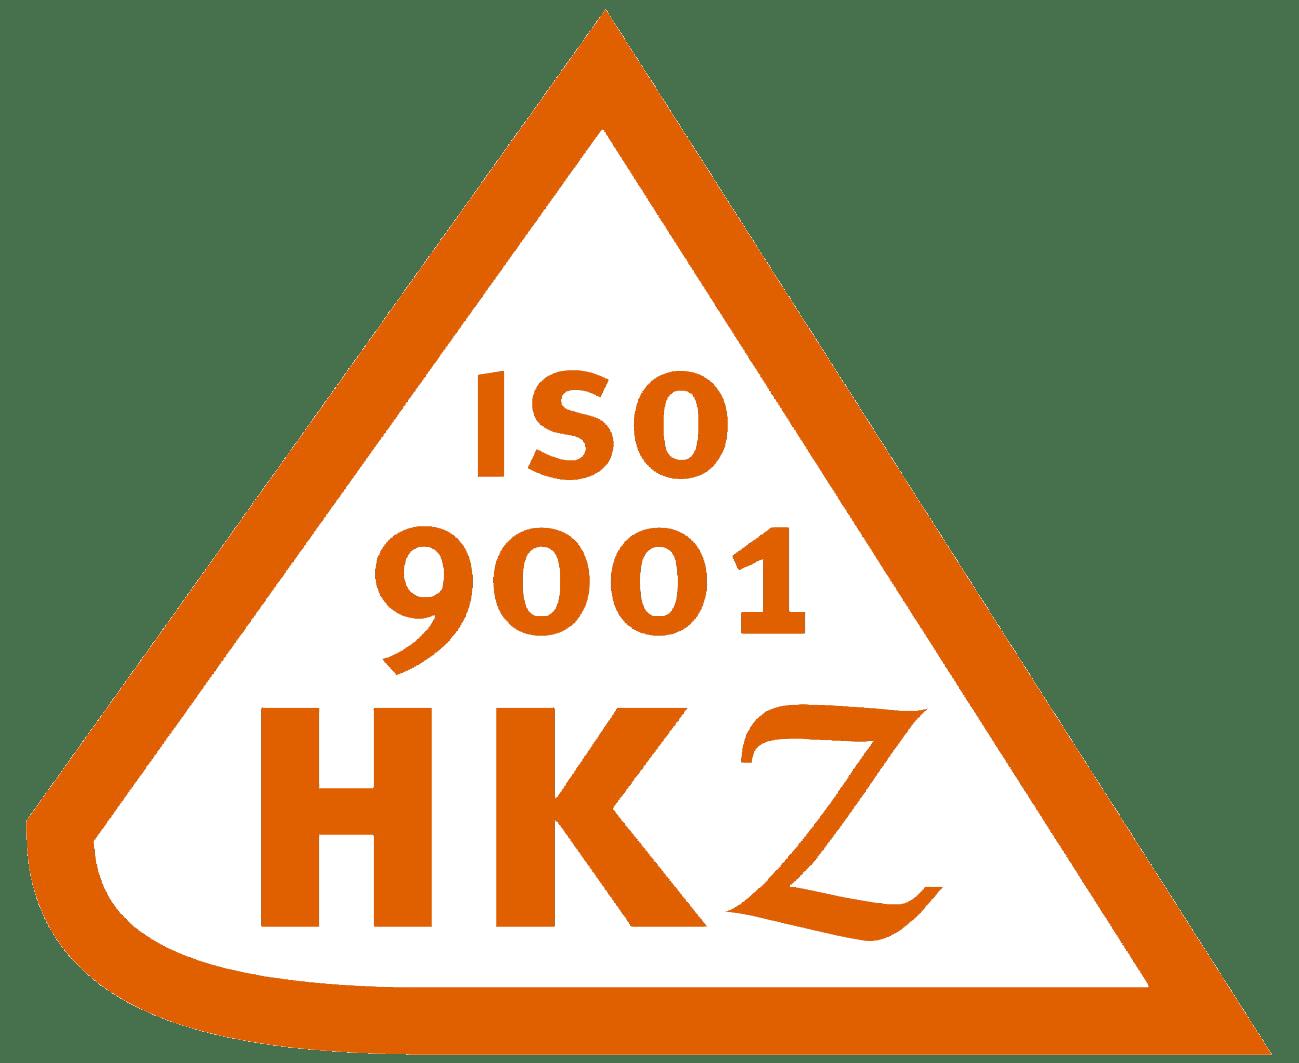 Wij zijn ISO 9001 HKZ Gecertificeerd